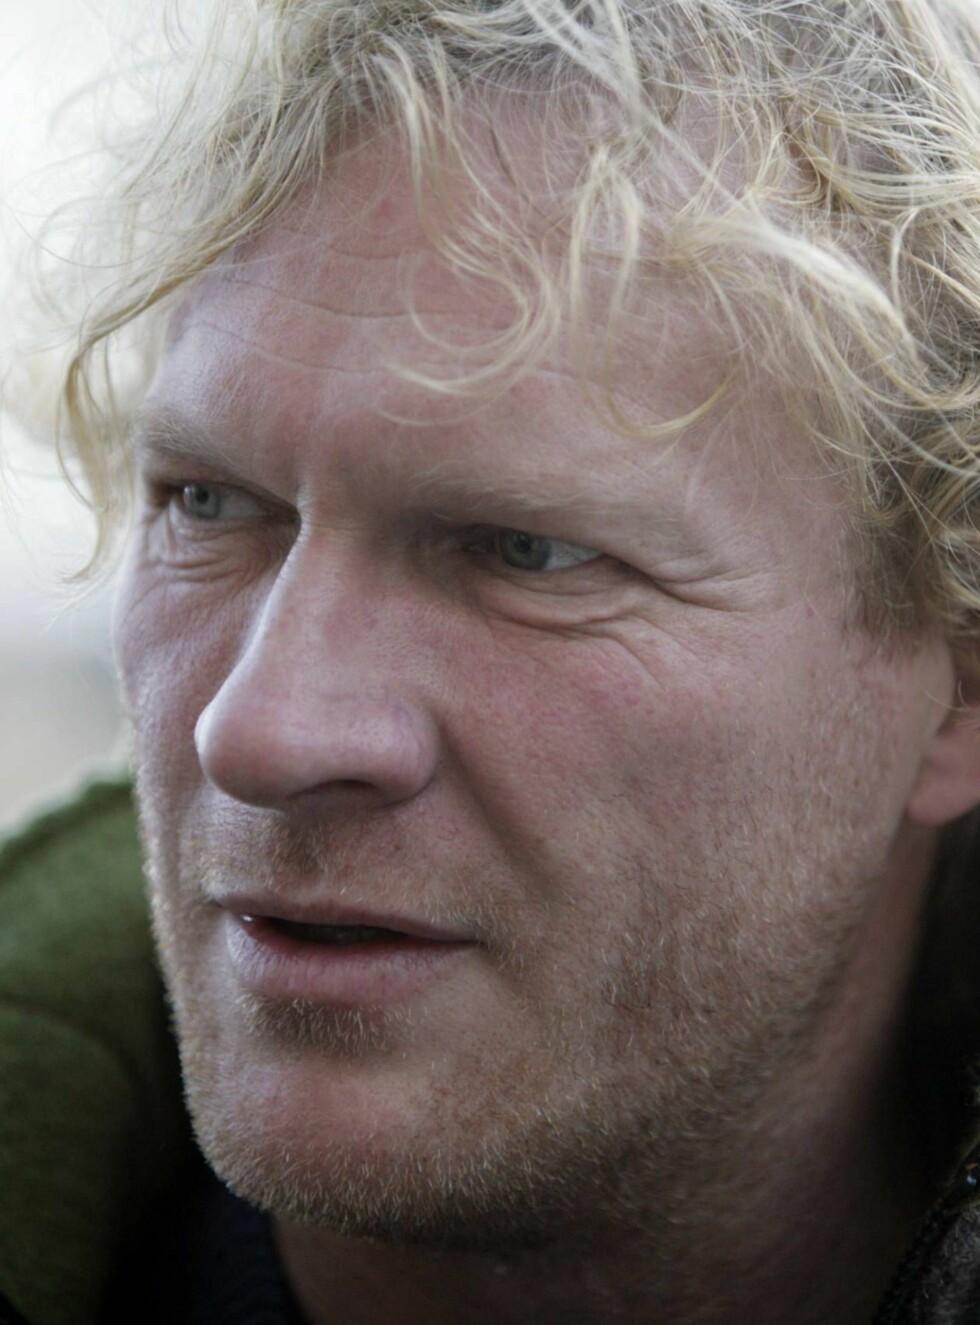 VESKENAPPET: Sven Nordin ga kona en eksklusiv veske til bursdagen. Tre måneder senere ble den rappet av tyver. Foto: SCANPIX